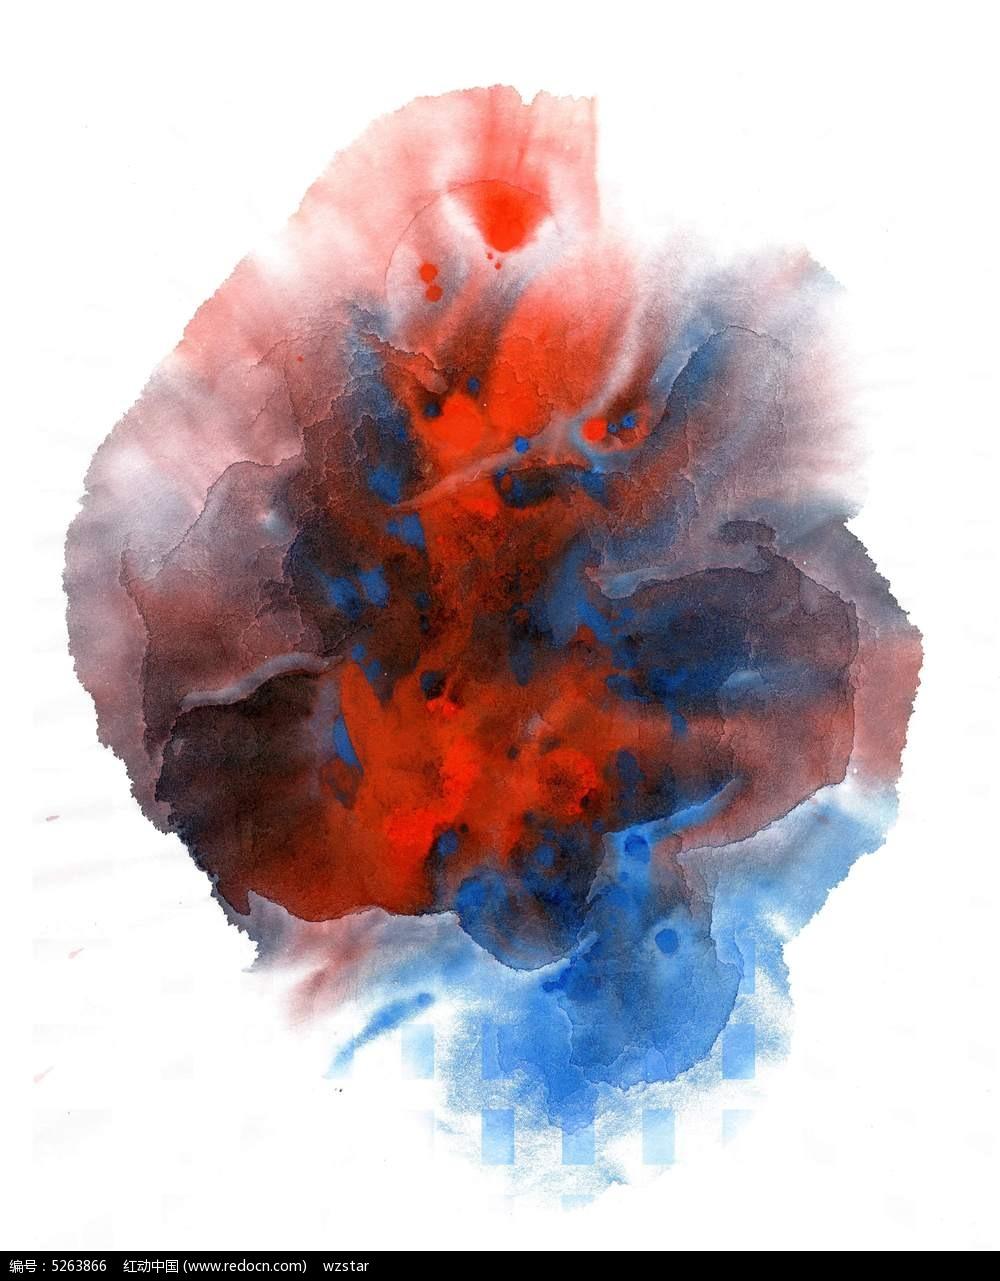 色彩混合图片-空间混合色彩作业图片,色彩空间混合图片简单,同类色色彩作业图片,色彩混合构成图片大全,色彩混合构成高清图片